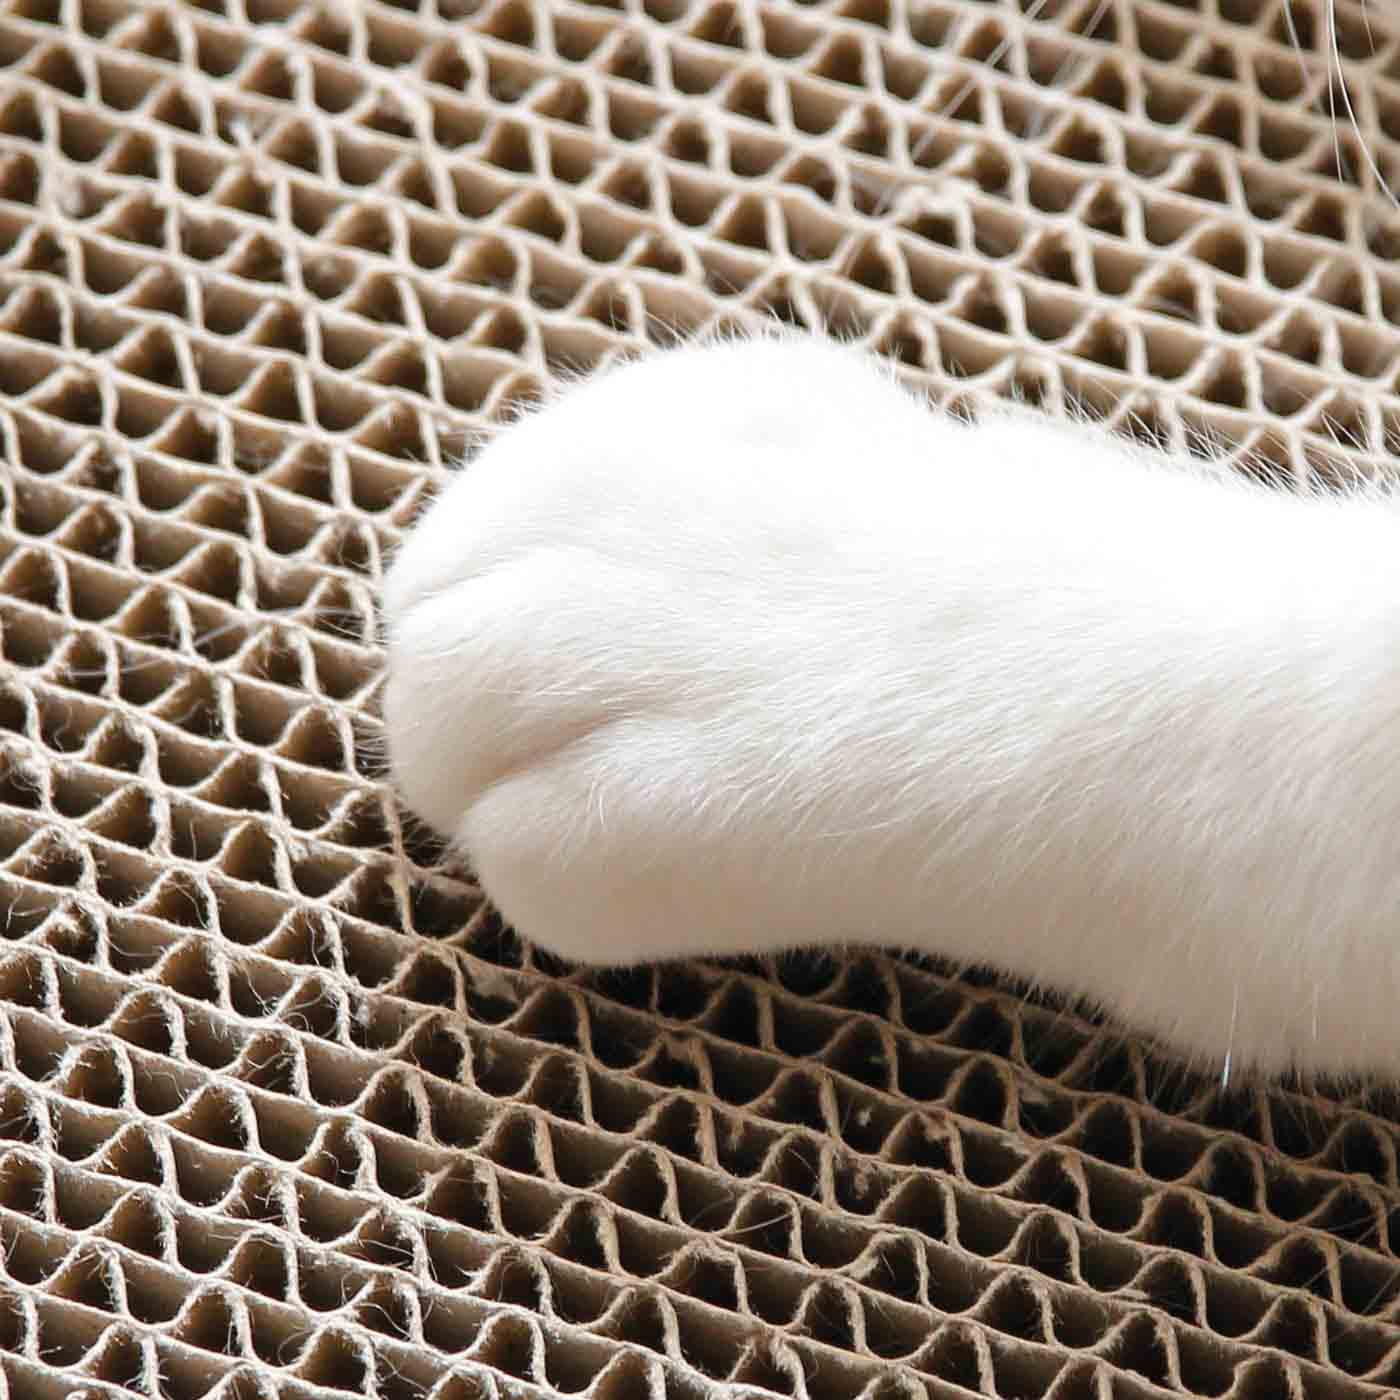 つめのとぎやすさや居心地のよさは猫さんたちのモニター済み。心ゆくまでつめとぎを!